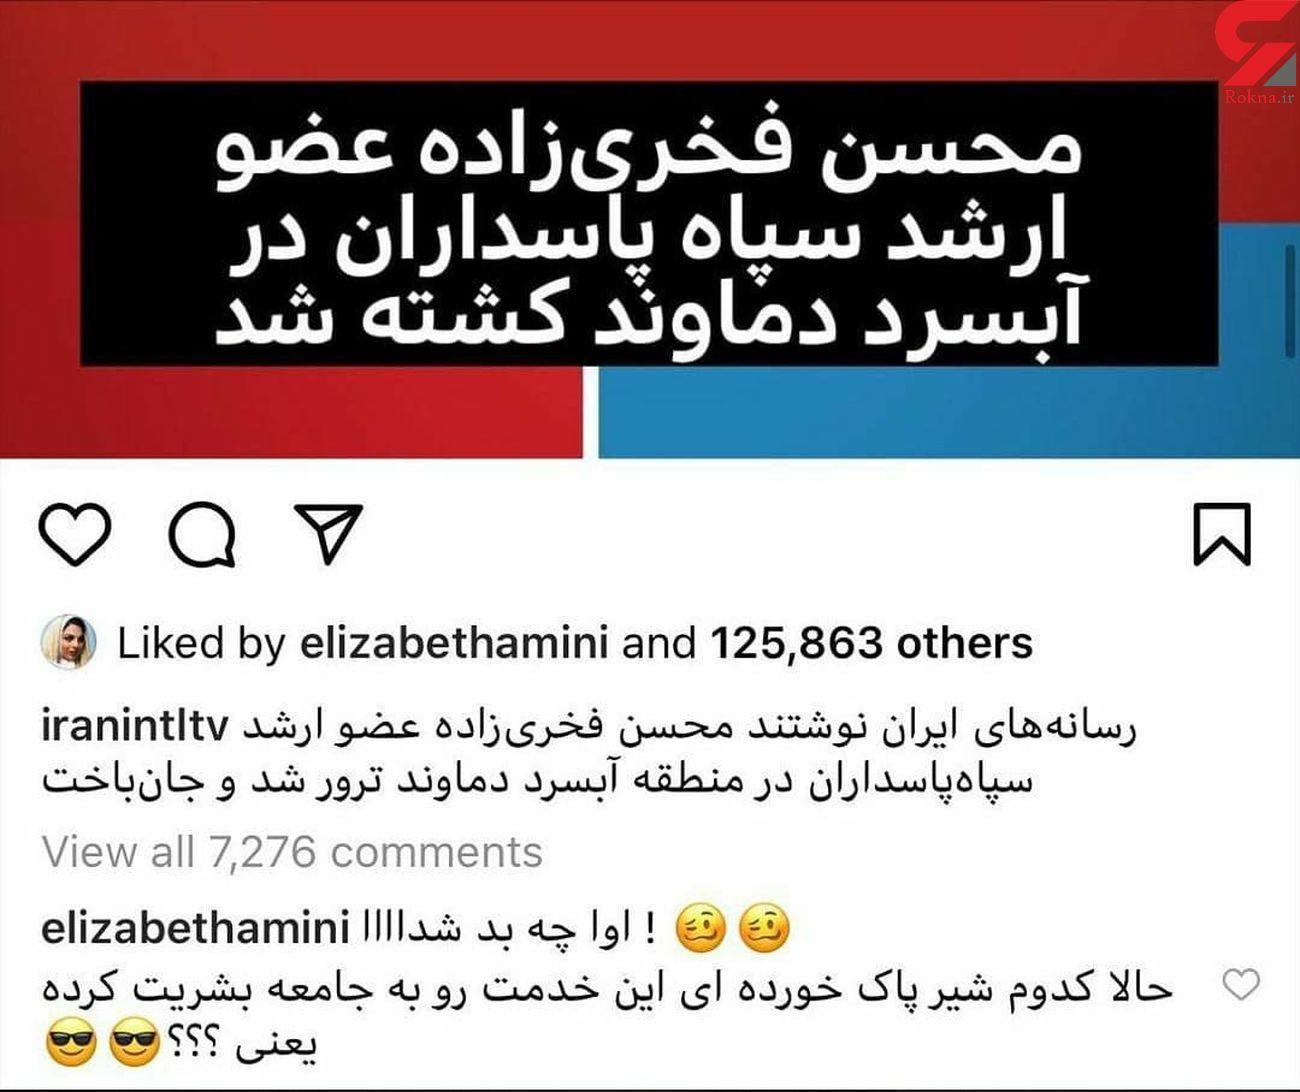 توهین وقیحانه بازیگر زن به شهادت محسن فخری زاده اینستاگرام را منفجر کرد + عکس